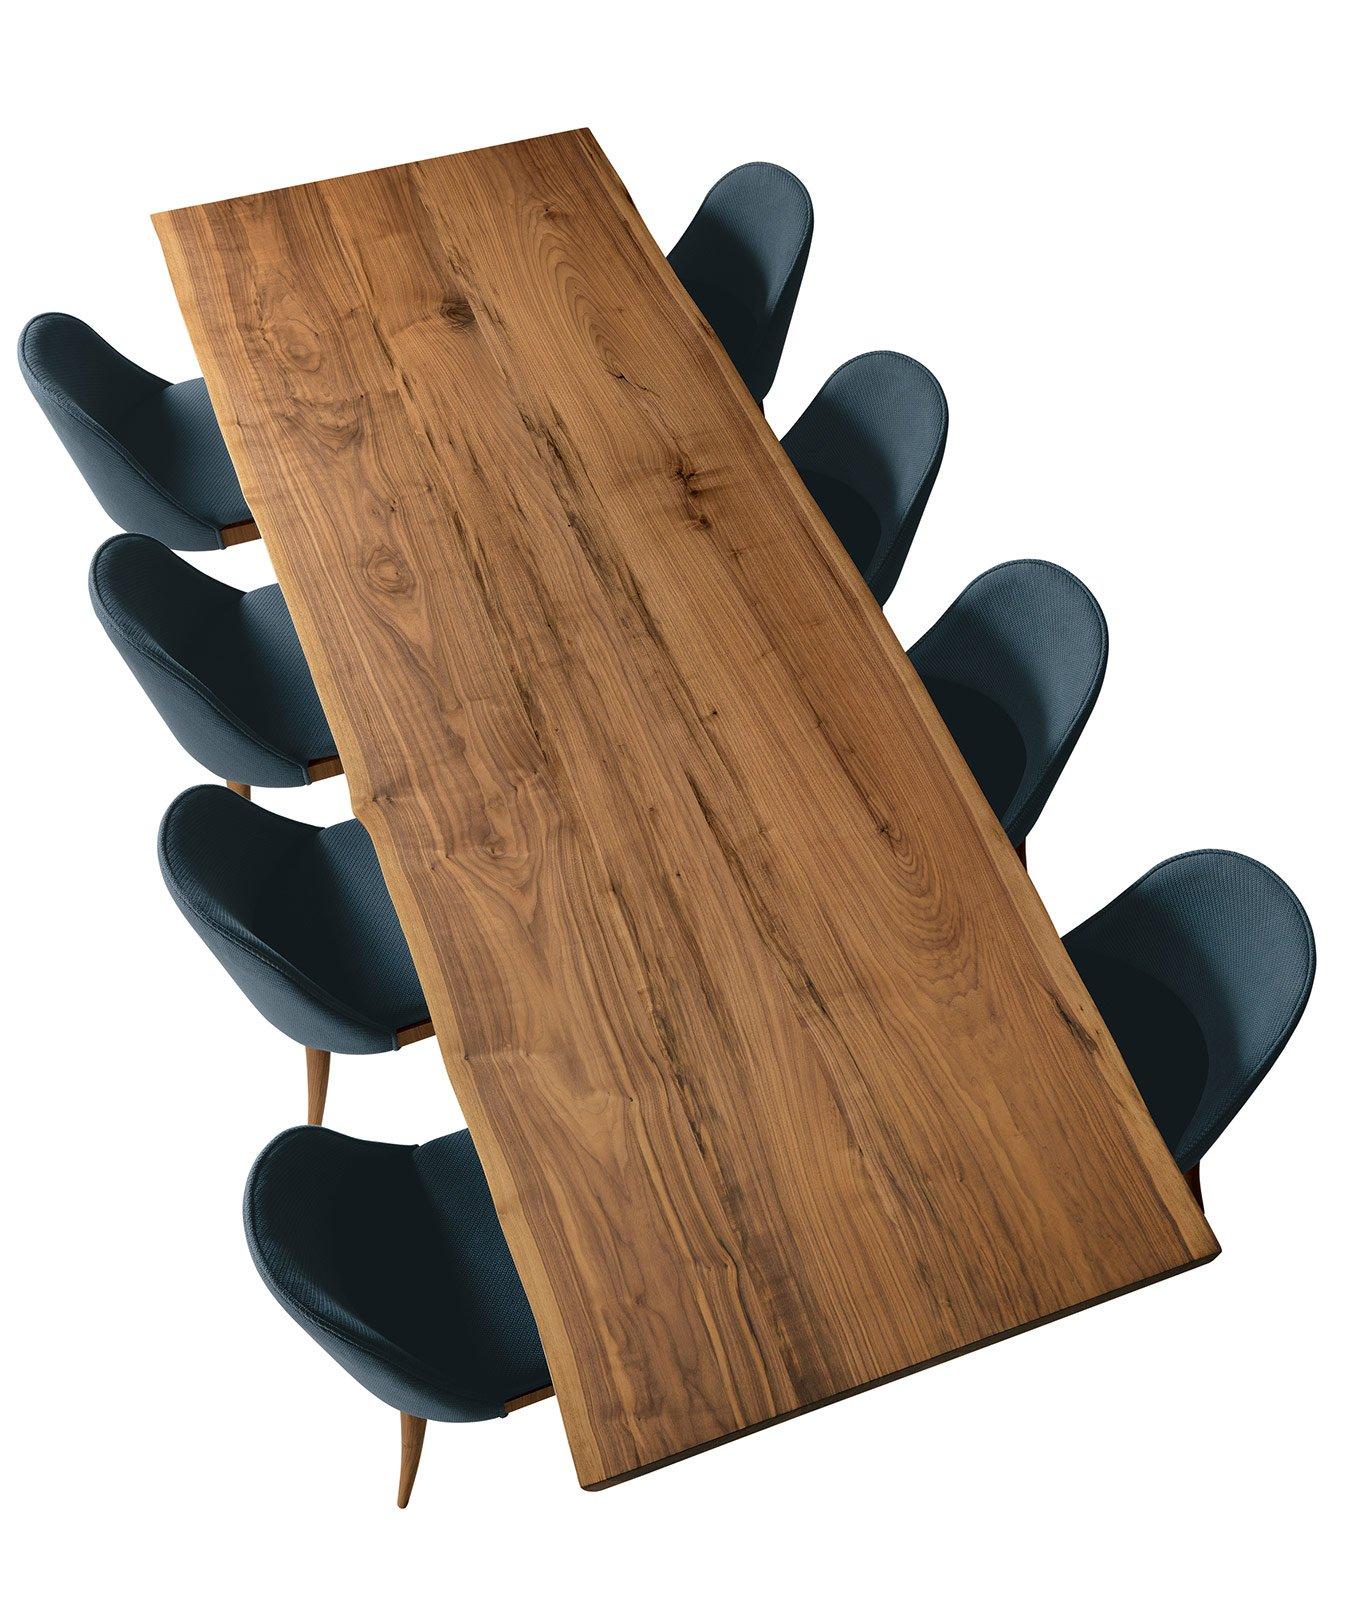 Tavoli in legno: le novità - Cose di Casa